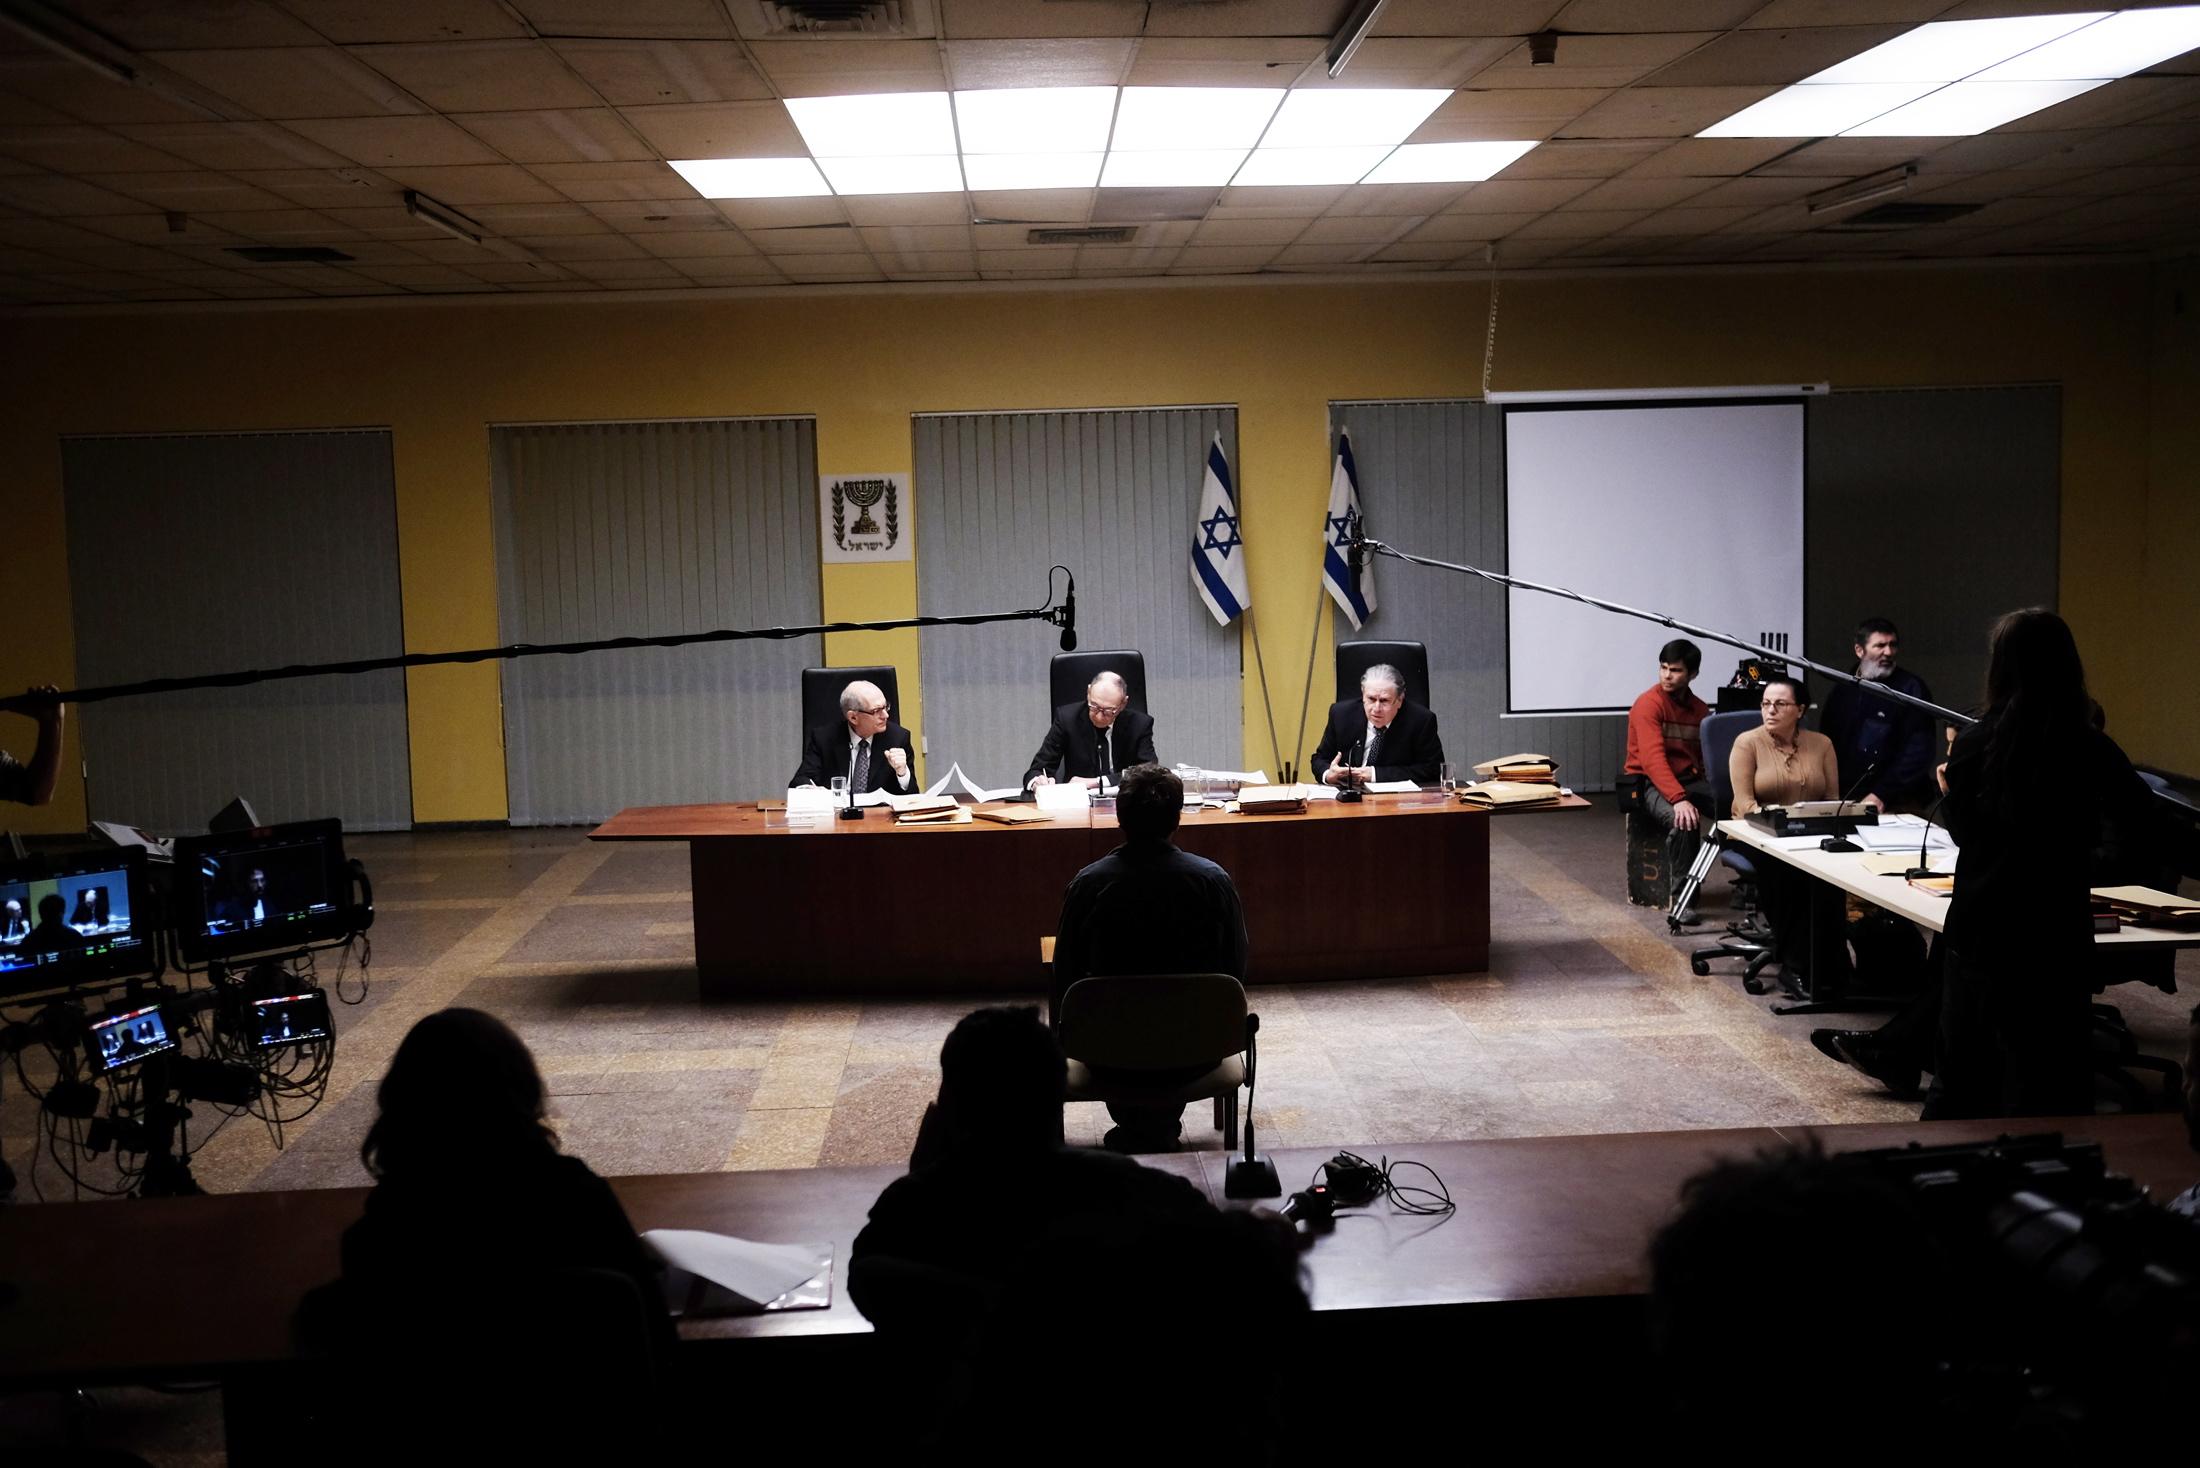 סרט חדש של עמוס גיתאי על רצח רבין רביעי בוקר סט צילומים   צילום סרטים קולנוע ישראלי  רבין, היום האחרון